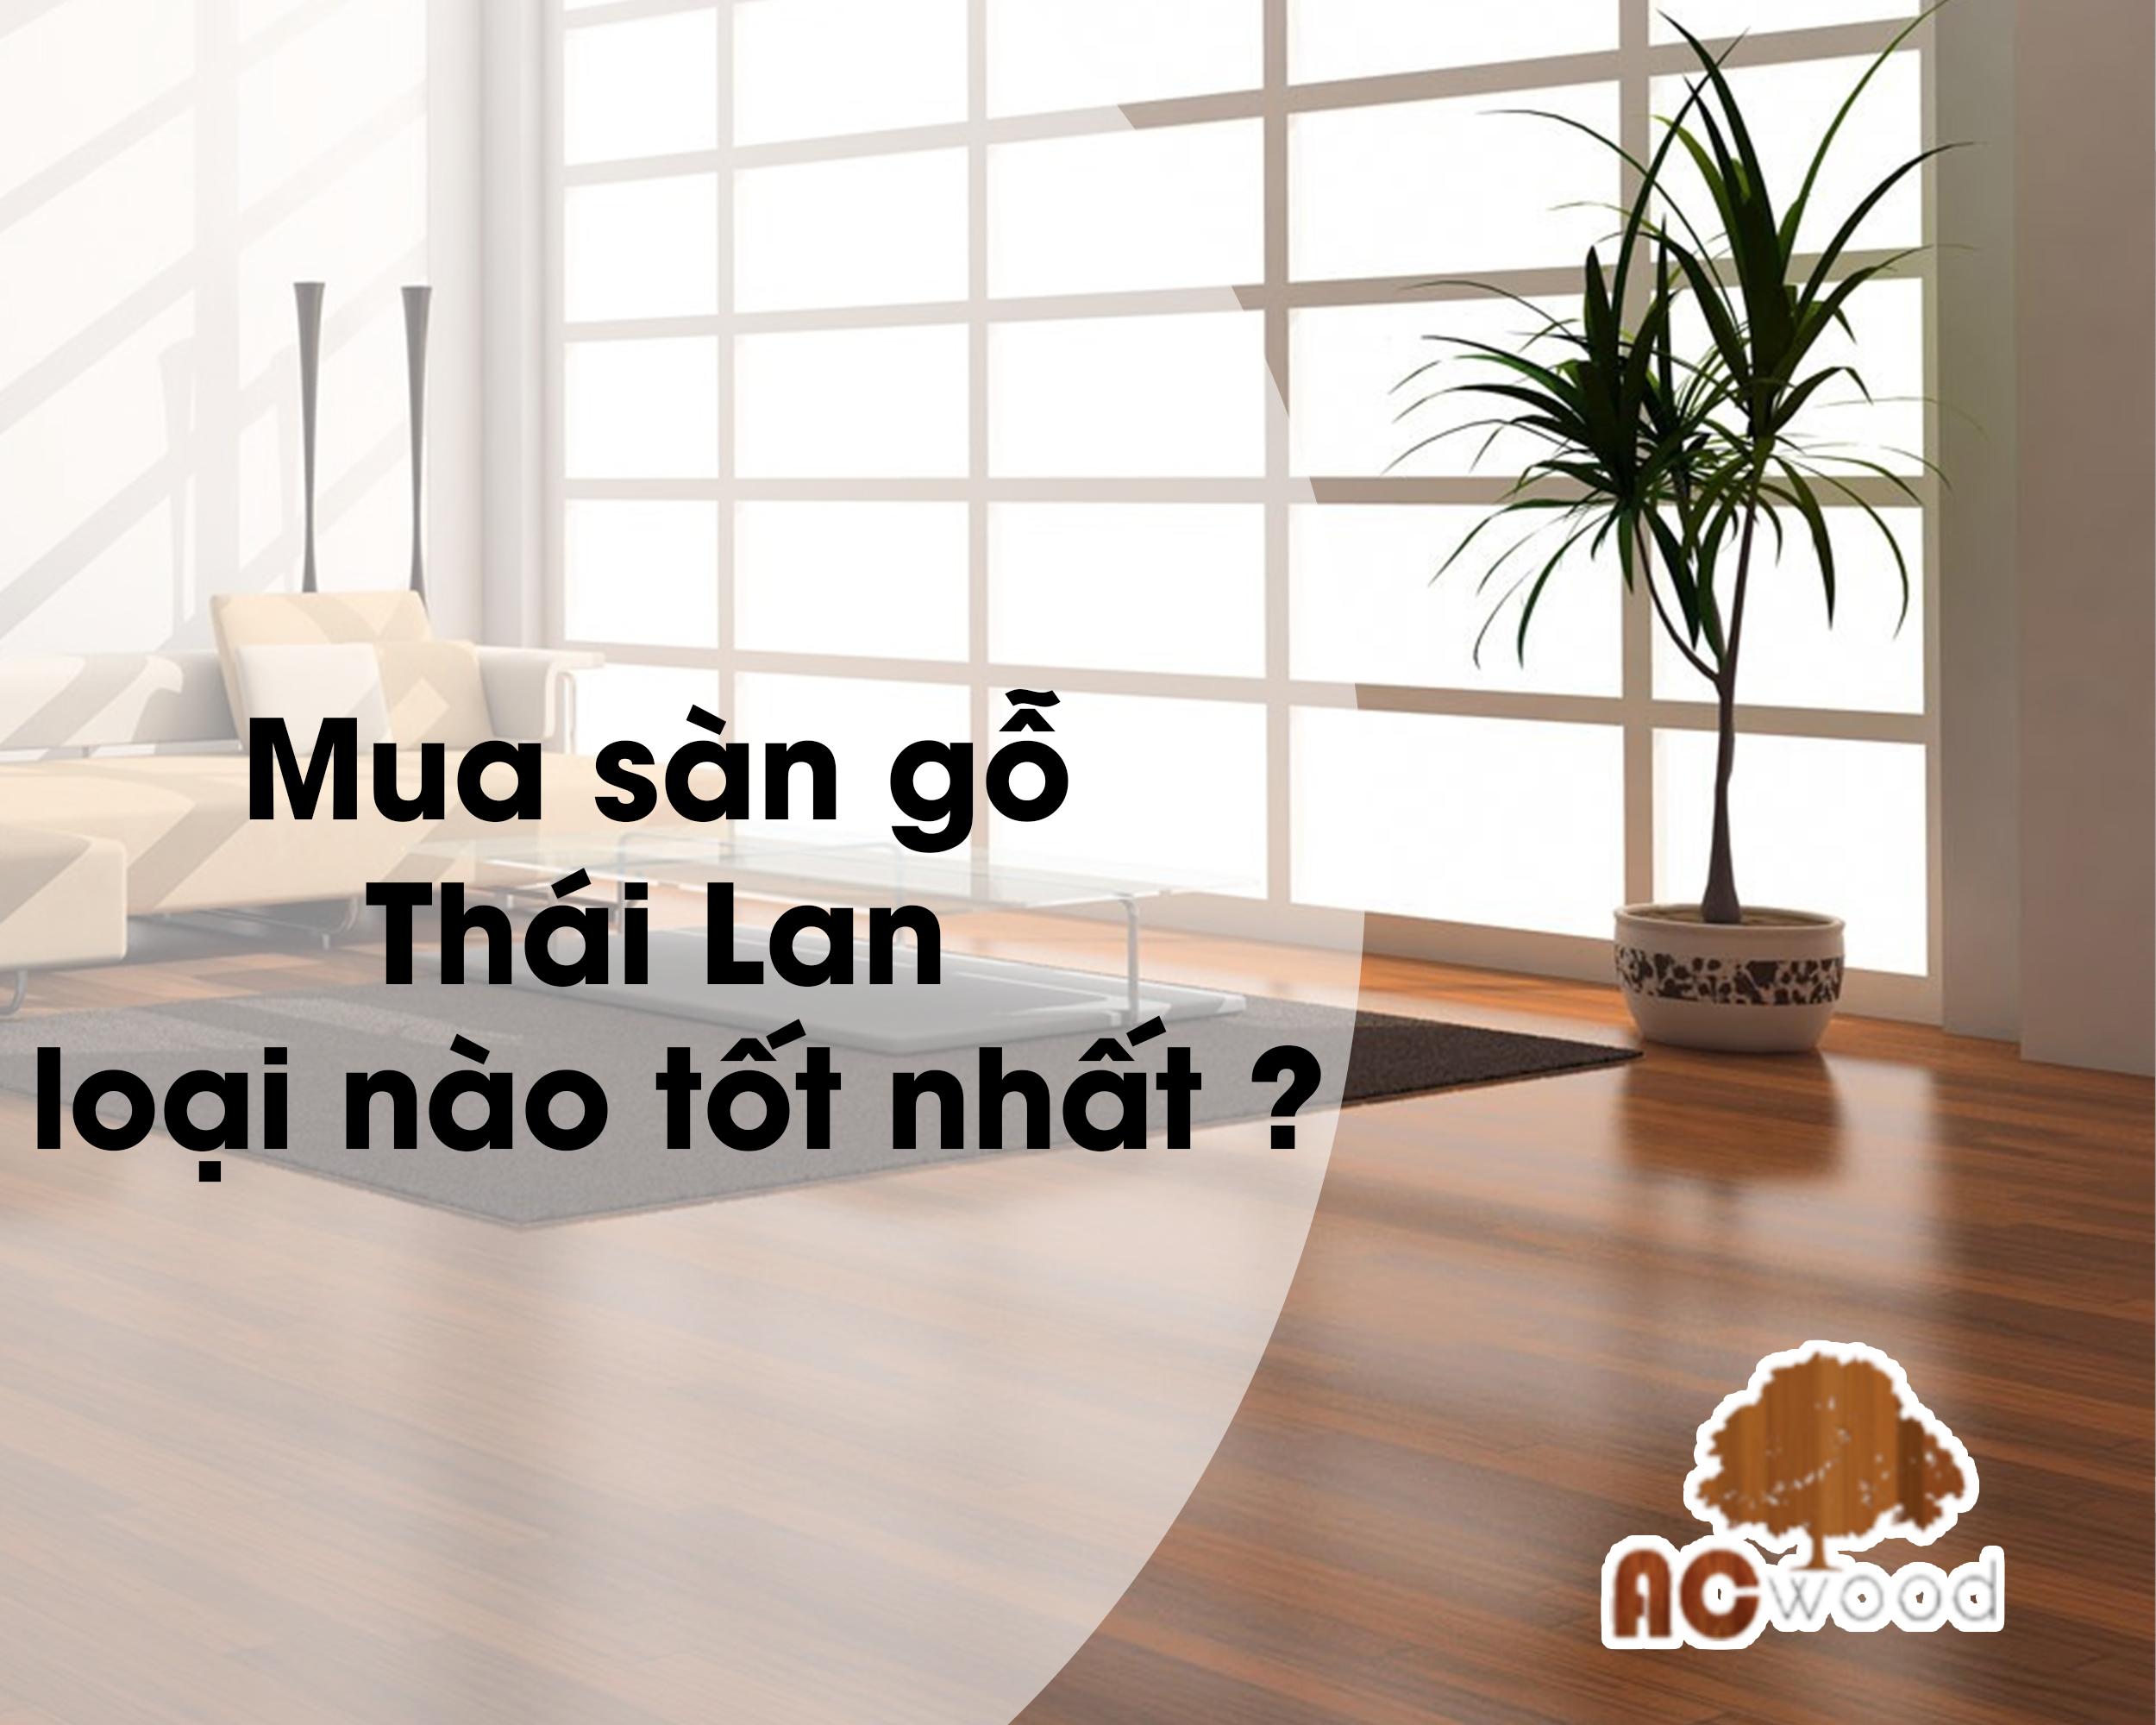 Mua sàn gỗ Thái Lan loại nào tốt nhất